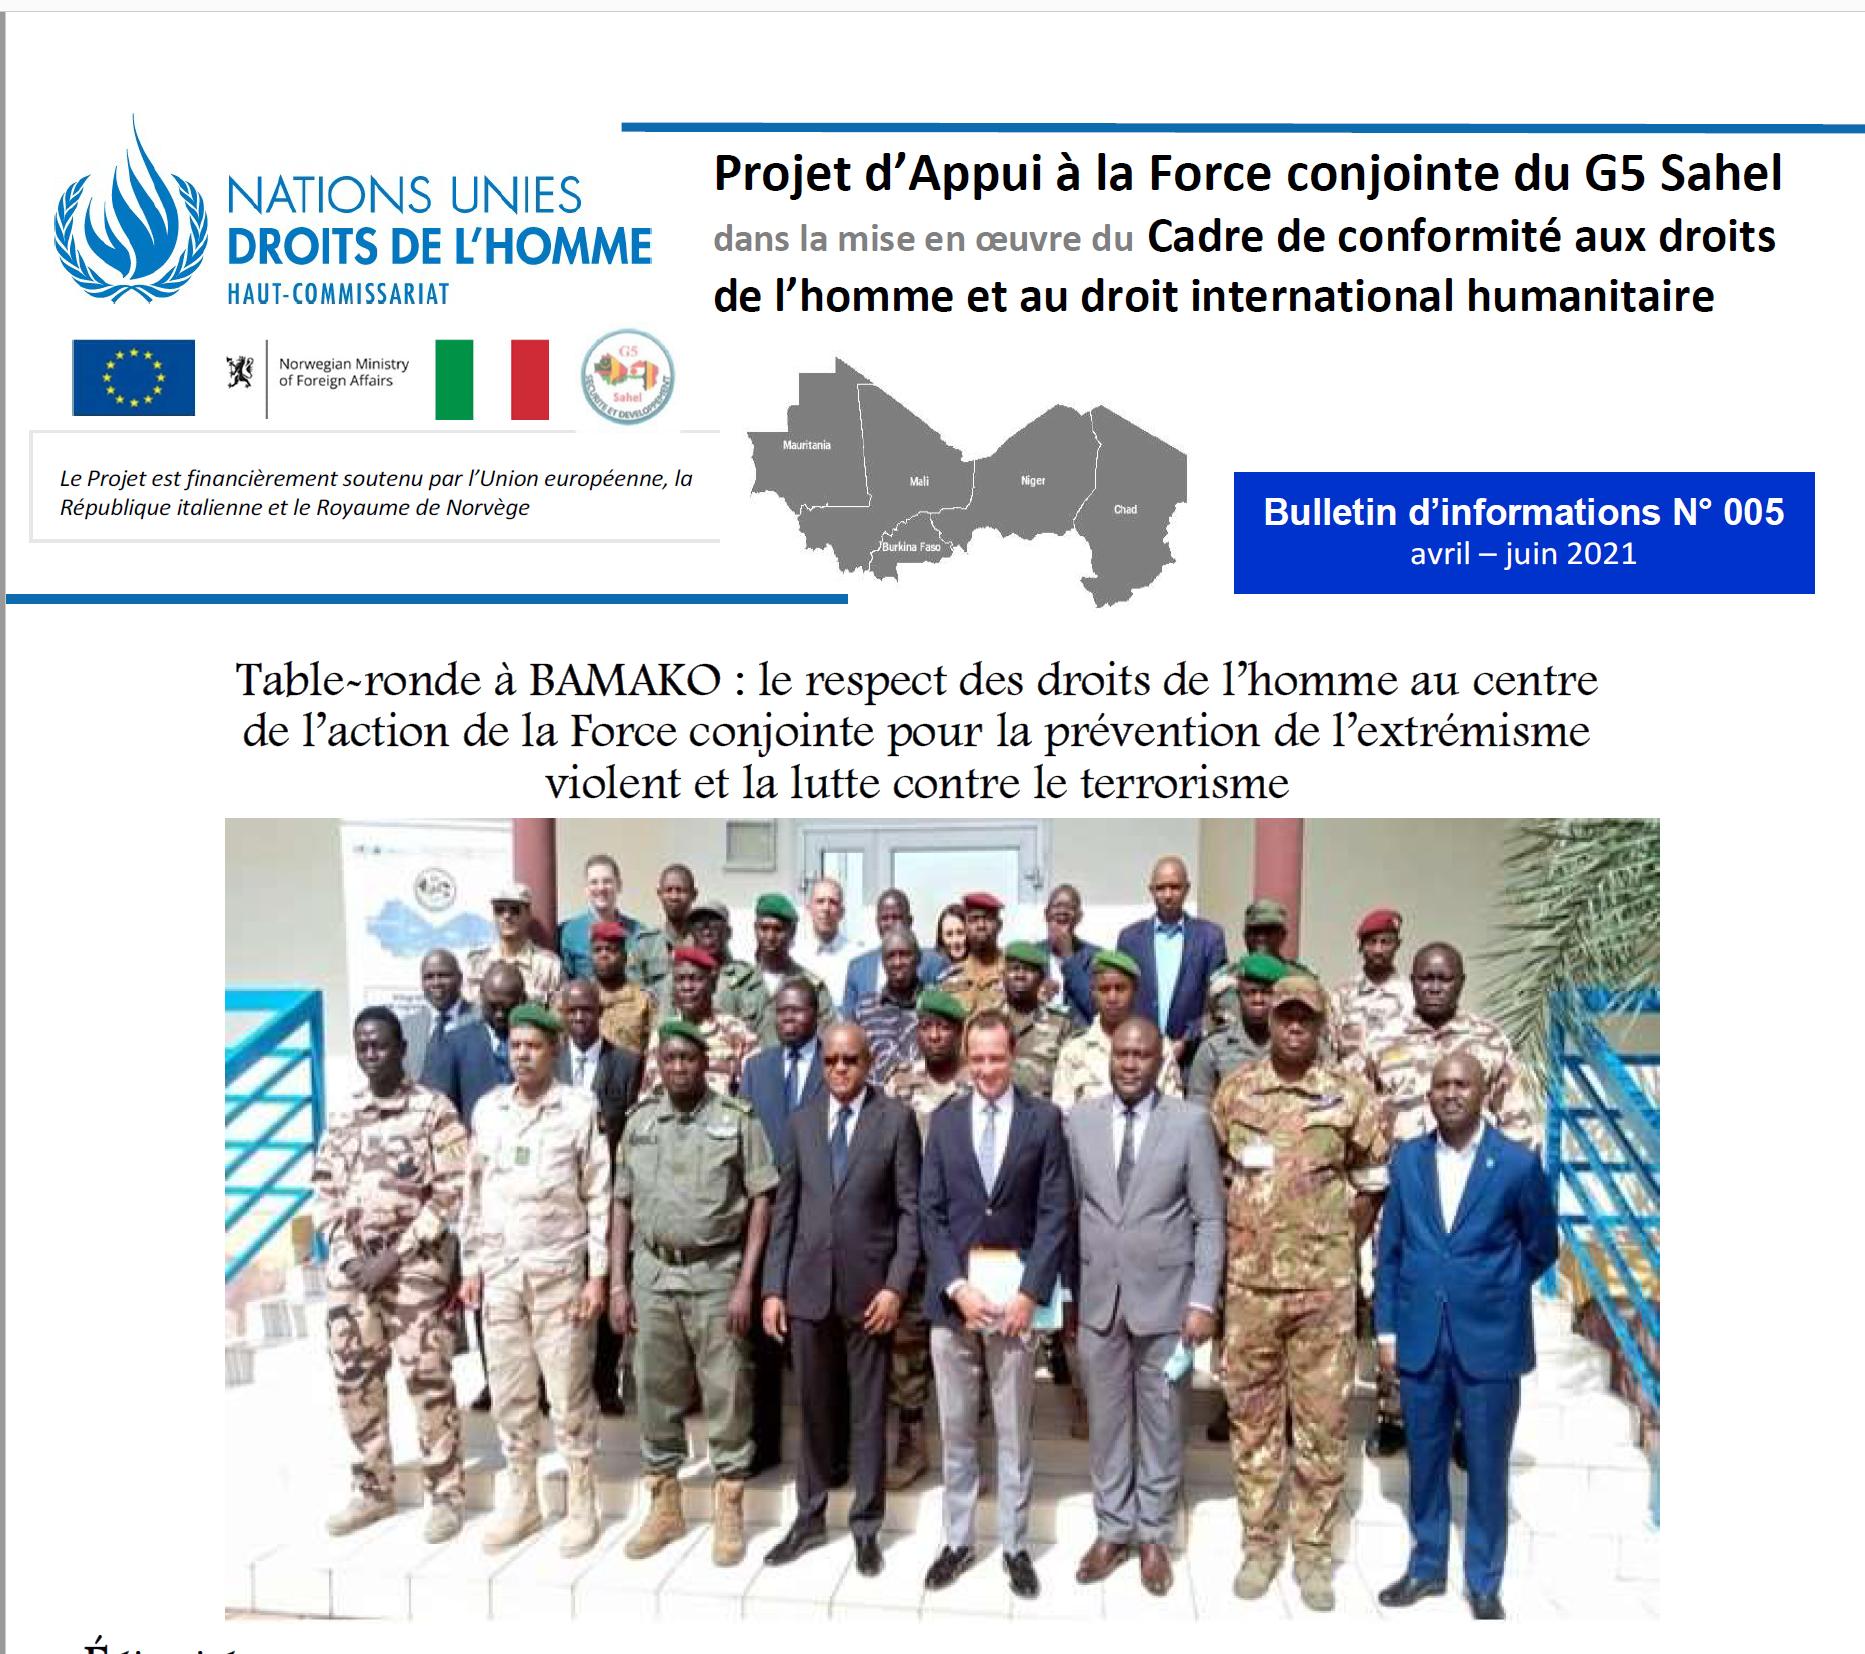 Projet d'Appui à la Force conjointe du G5 Sahel dans la mise en oeuvre du Cadre de conformité aux droits de l'homme et au droit international humanitaire